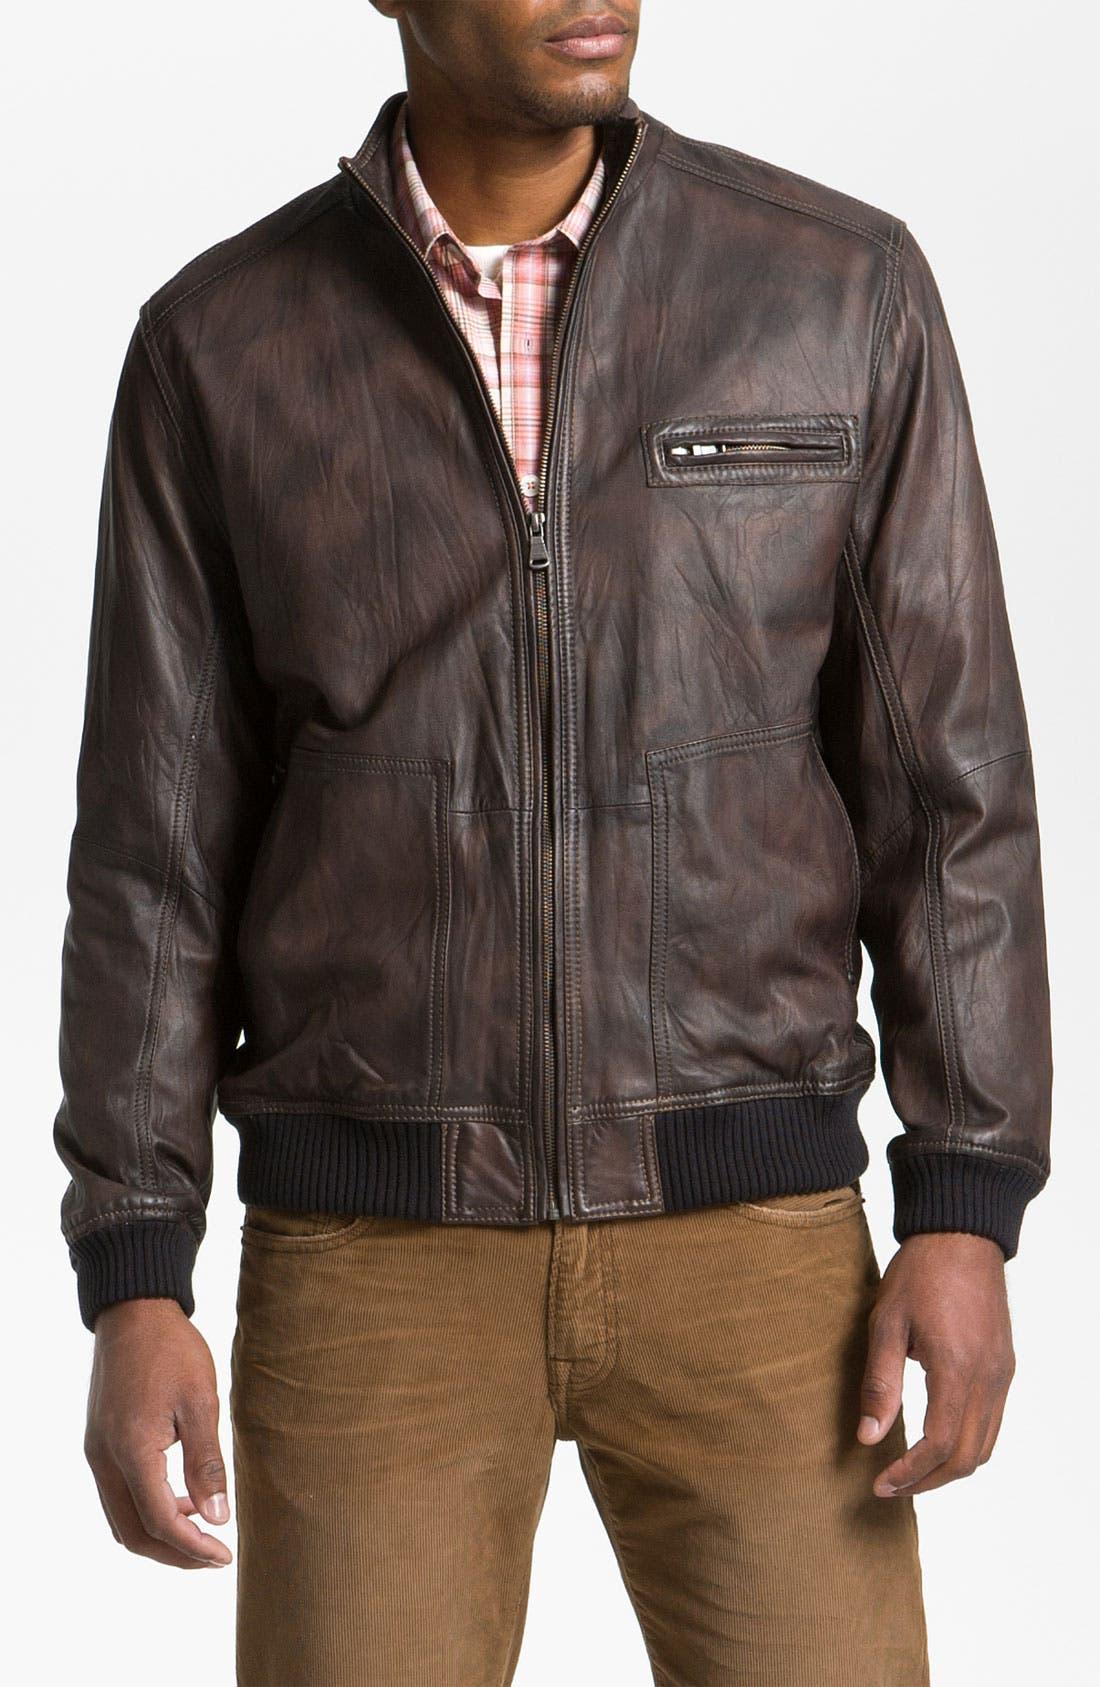 Main Image - Tommy Bahama 'Island Aviator' Leather Jacket